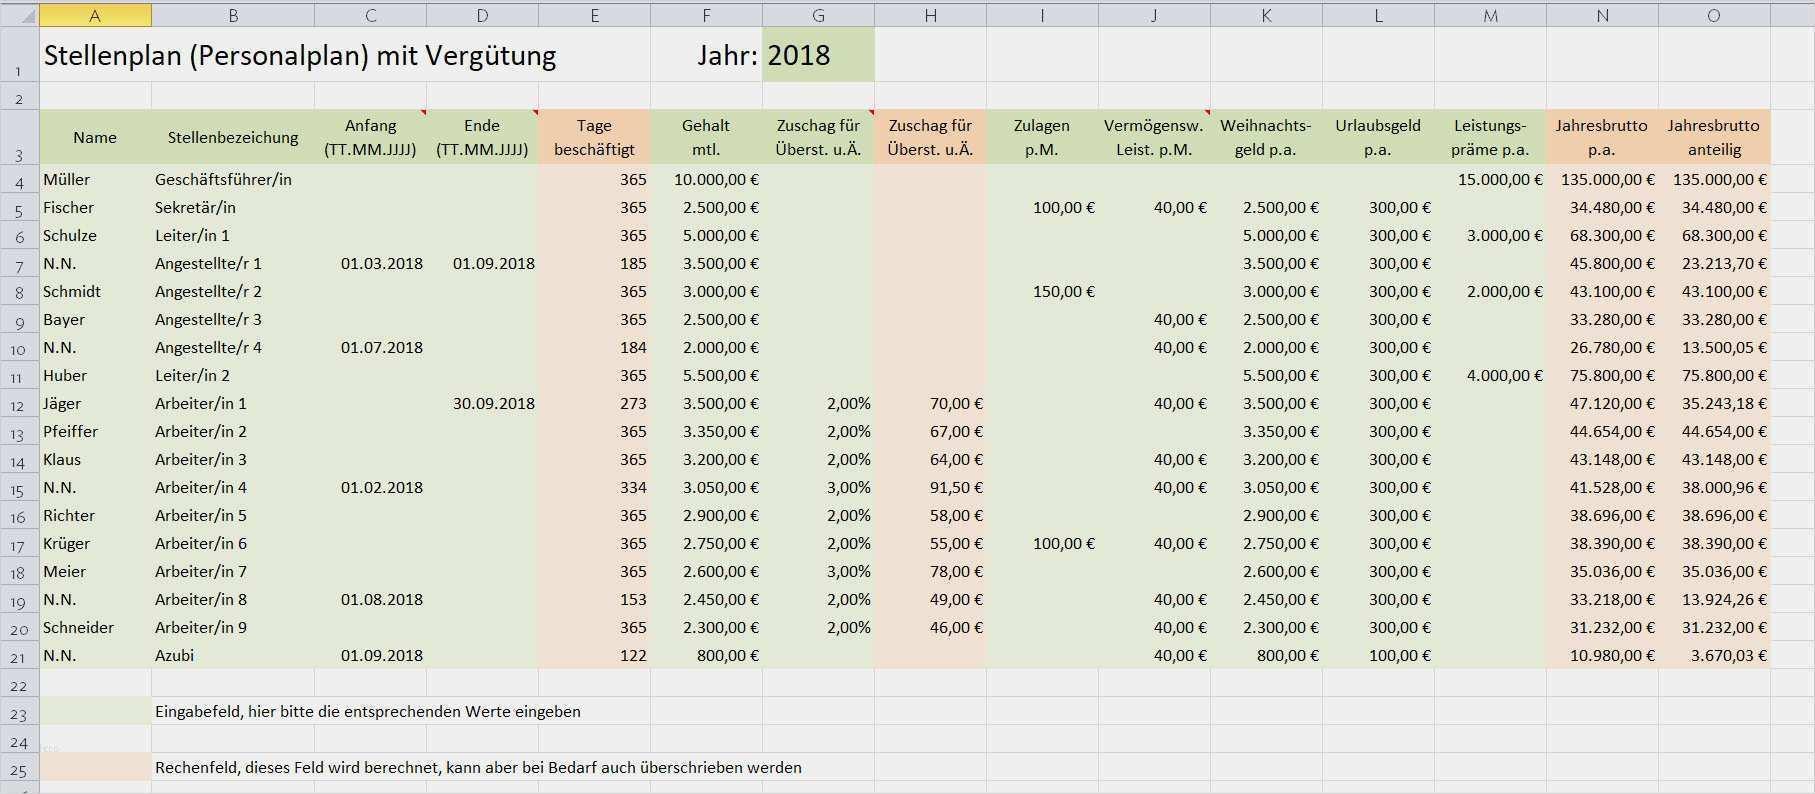 38 Suss Personalkostenplanung Excel Vorlage Abbildung Excel Vorlage Anschreiben Vorlage Vorlagen